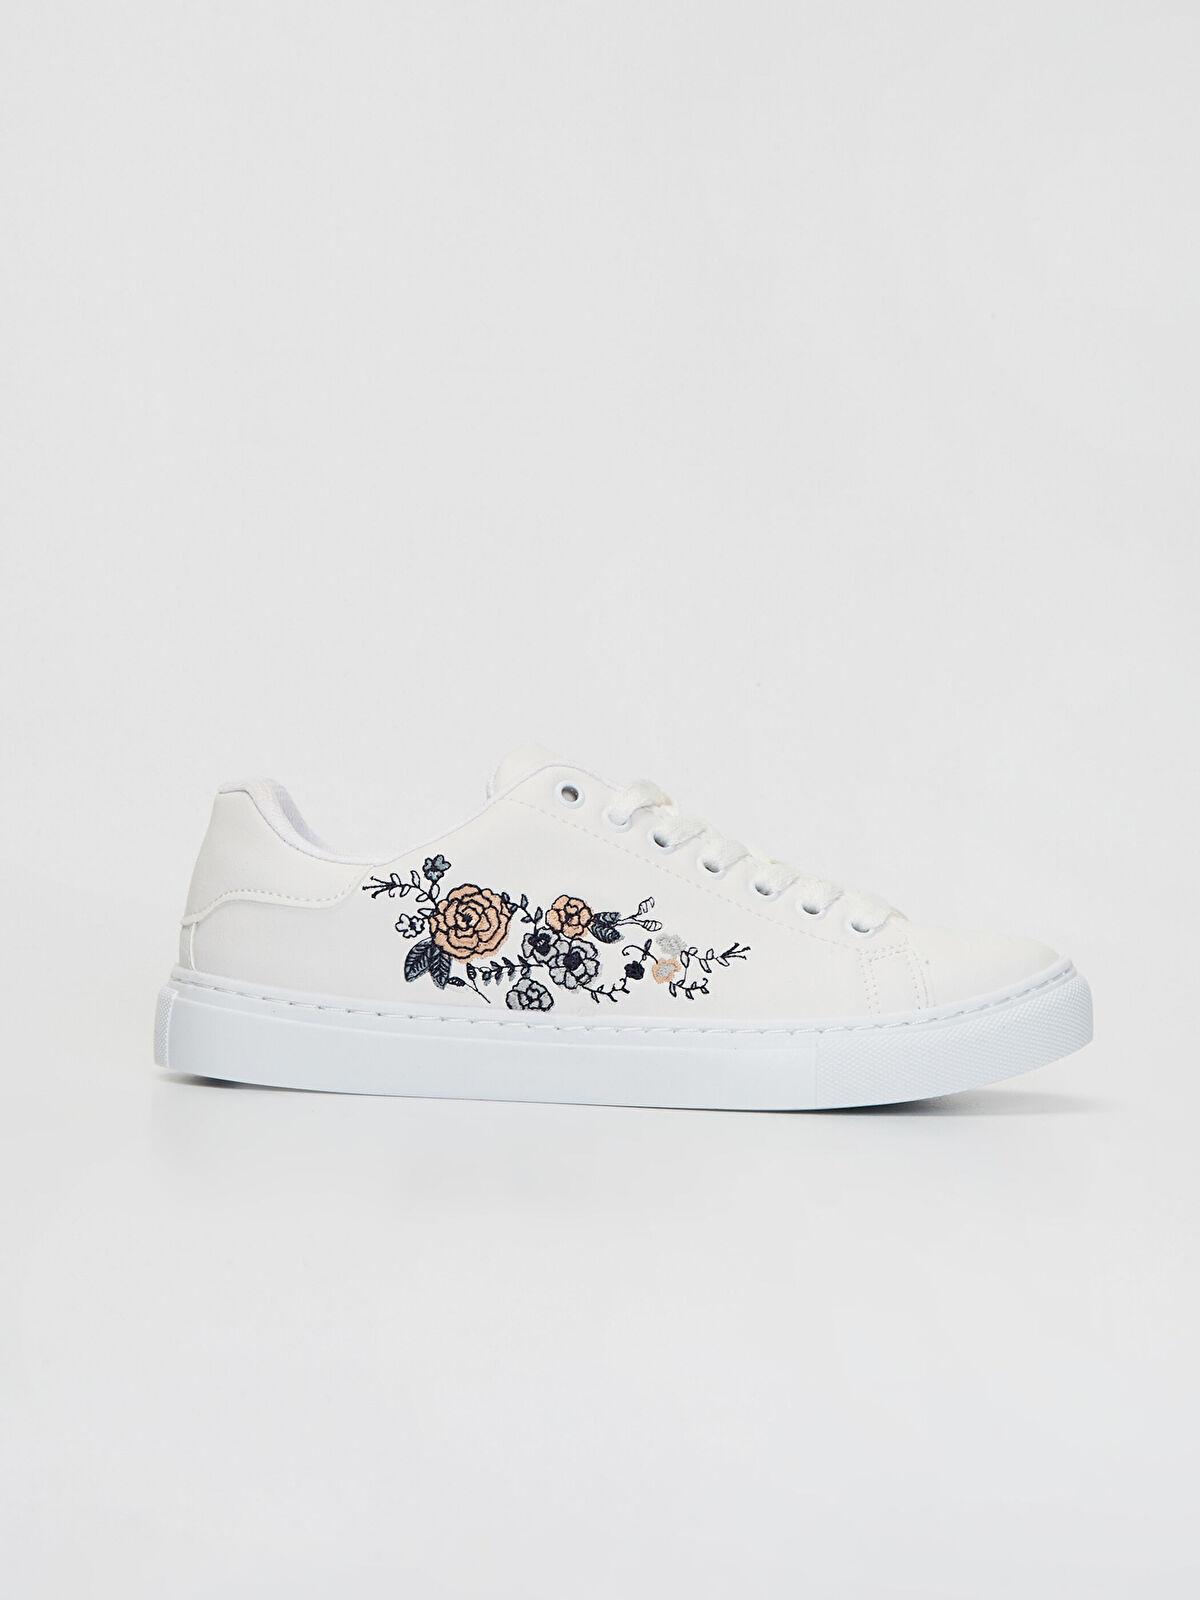 Kadın Nakışlı Günlük Ayakkabı - LC WAIKIKI